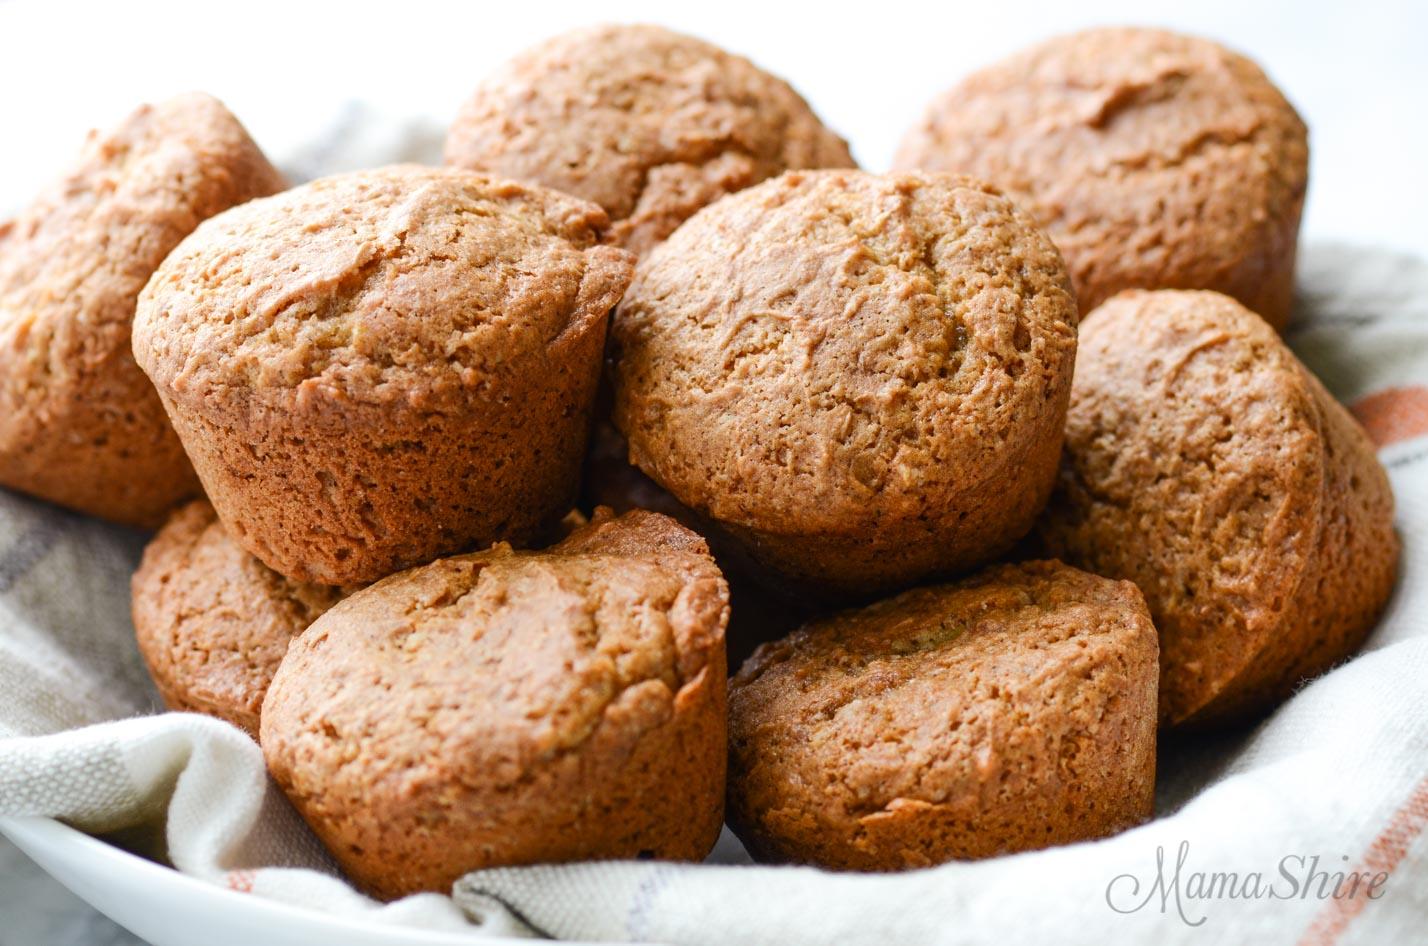 A basket of gluten-free muffins